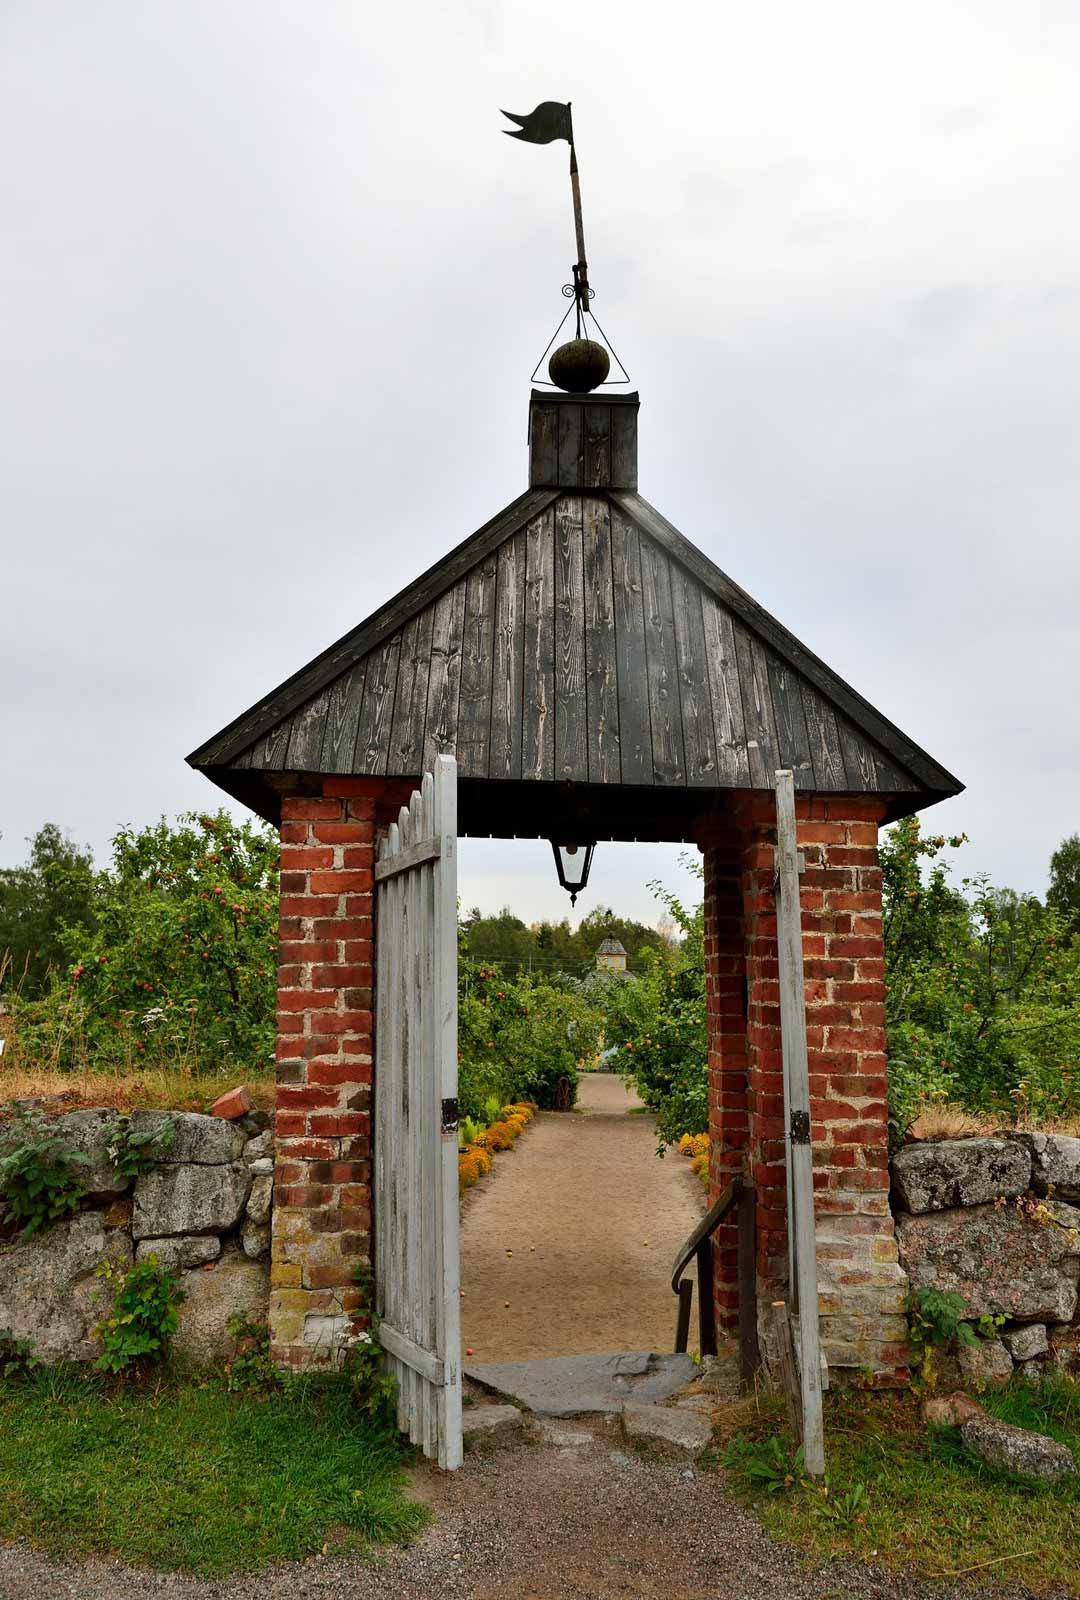 Rosenlundin pappilan nykyinen päärakennus on rakennettu 1798. Puistoalueella on myös kotiseutumuseo vanhassa kivinavetassa.